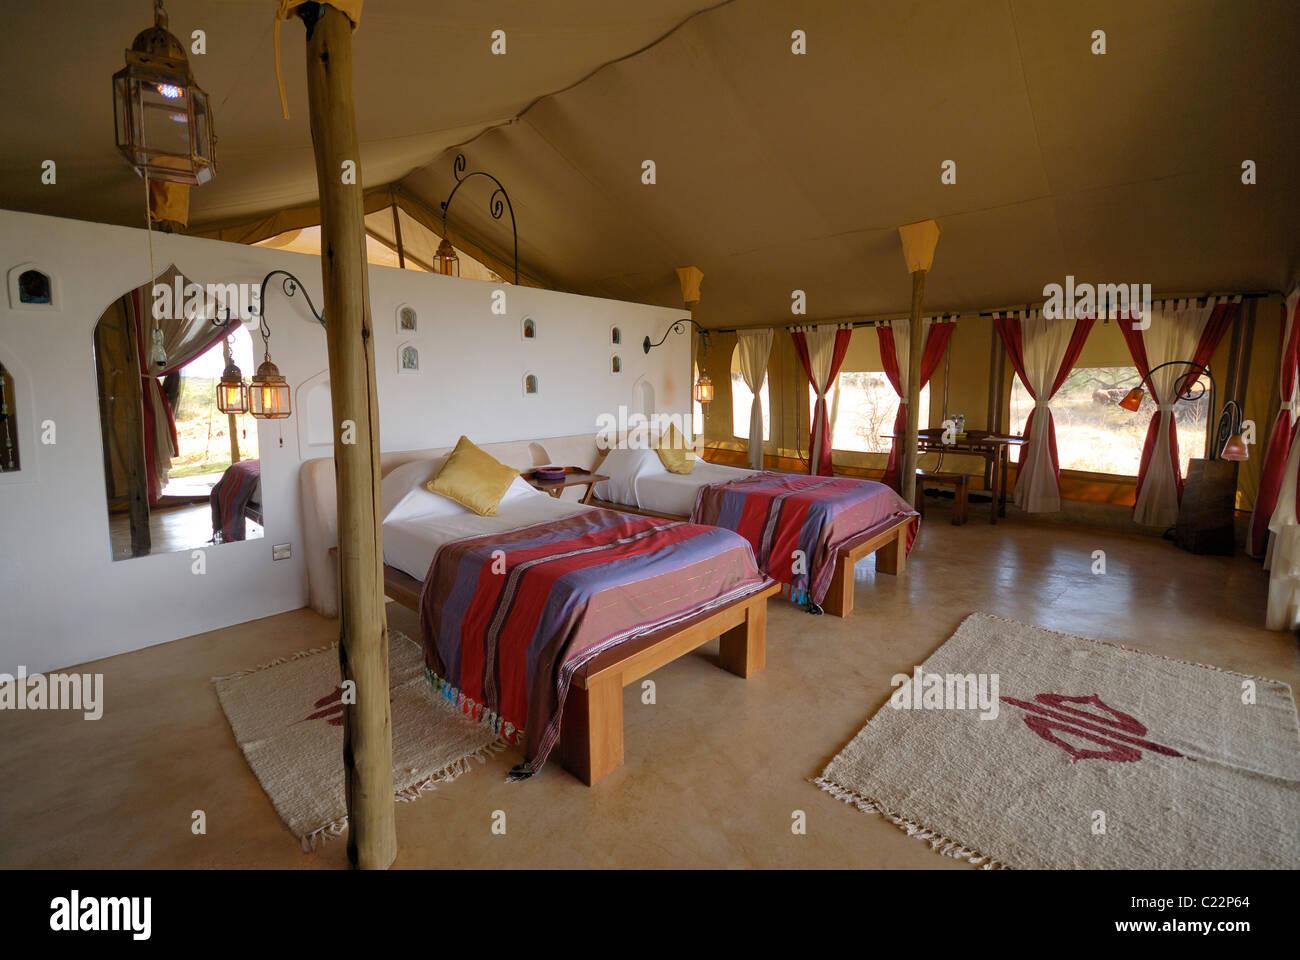 Schlafzimmer In Der Regel Lager Von Freude, Shaba Reserve, Samburu National  Park, Kenia, Afrika